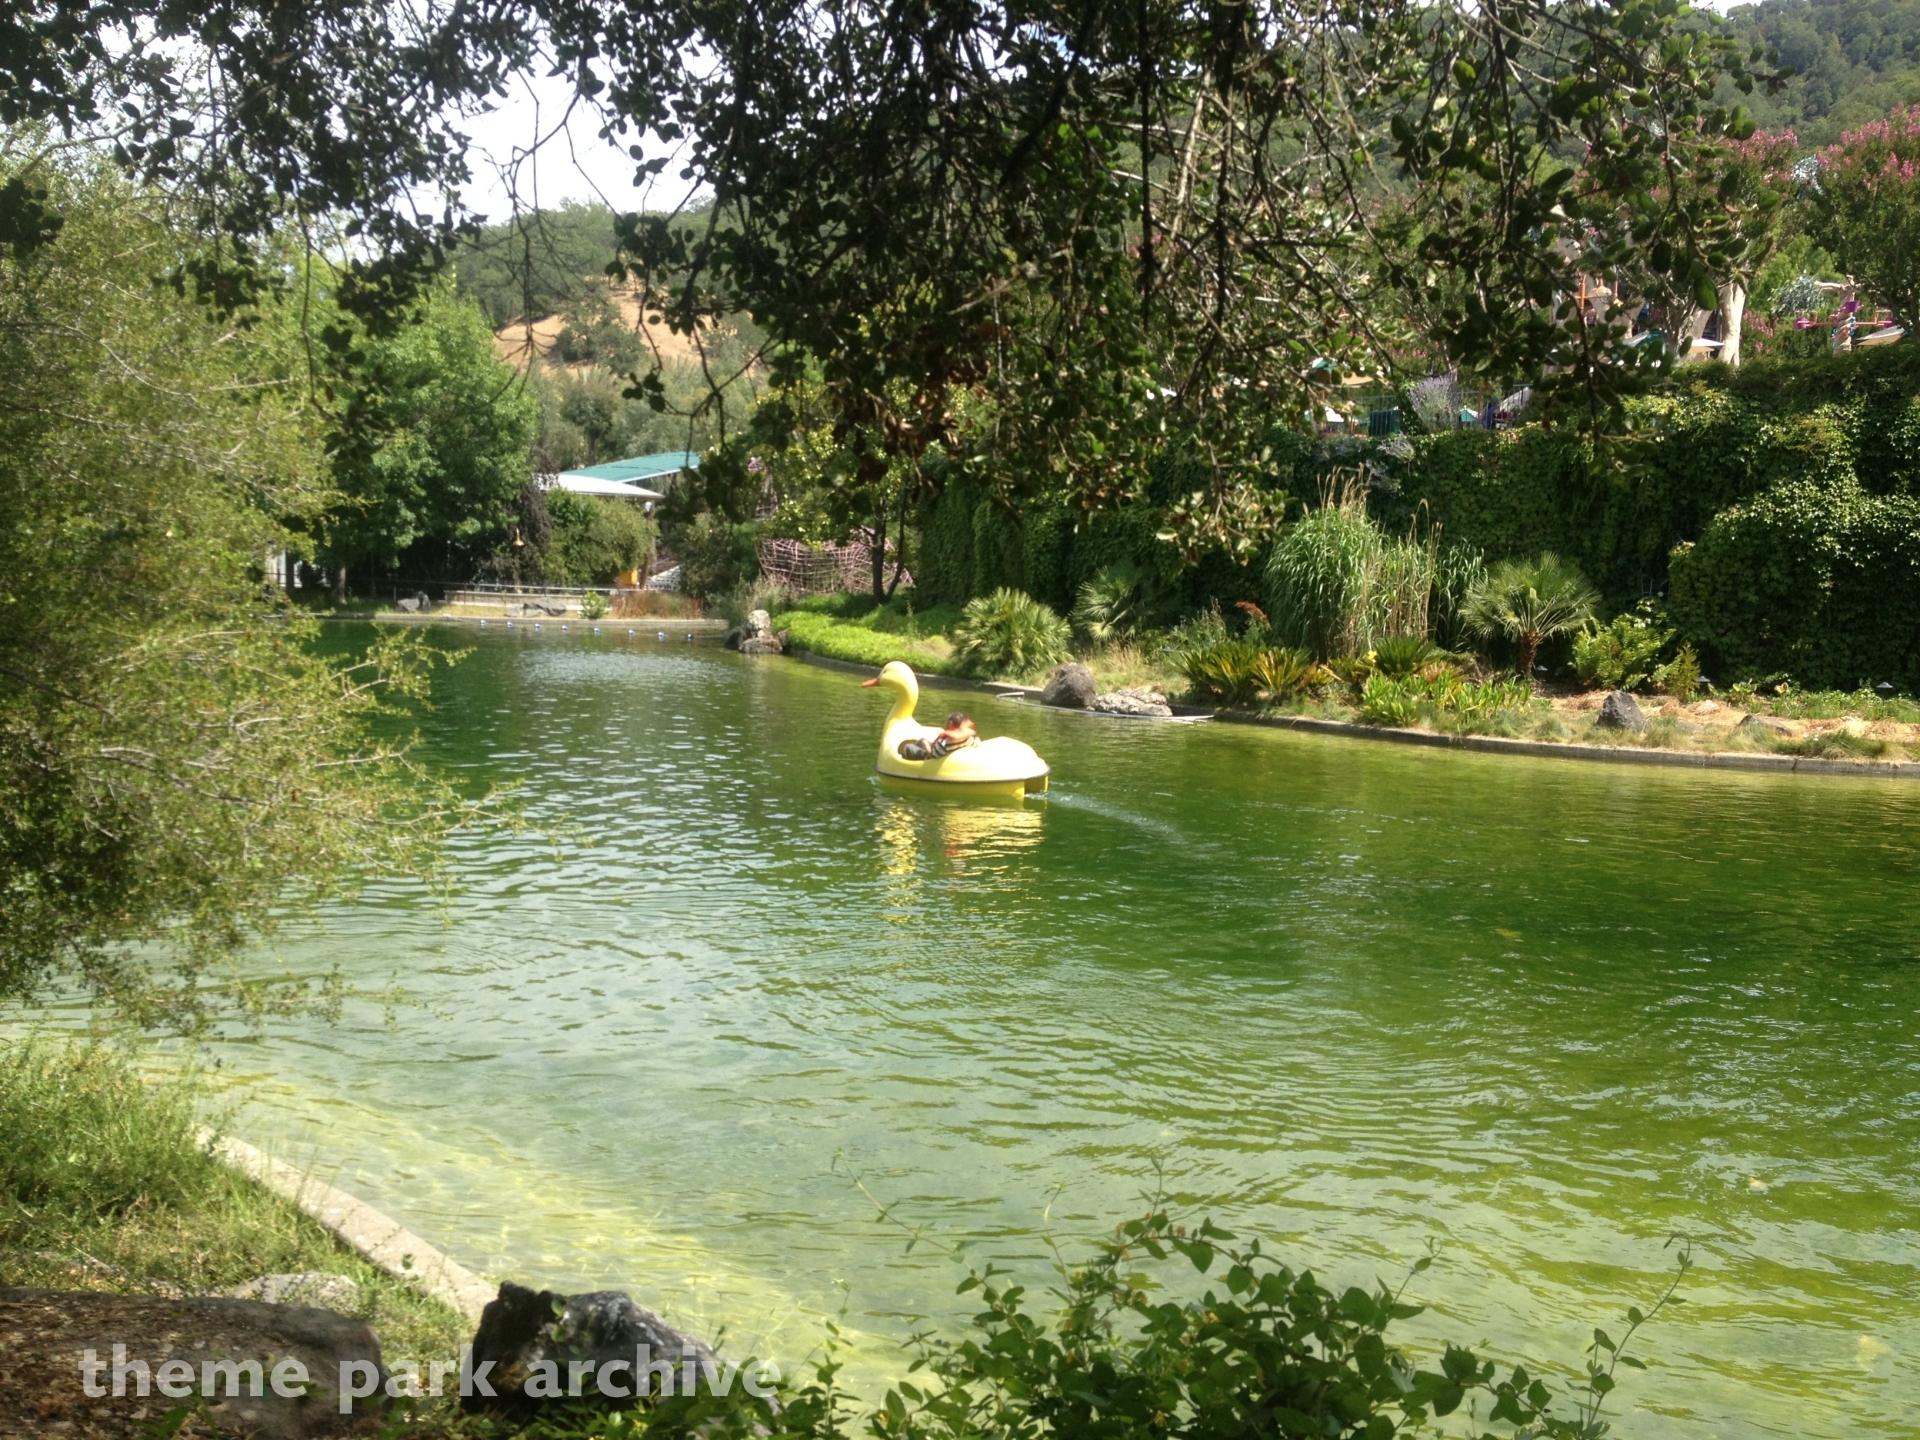 Paddle Boats at Gilroy Gardens